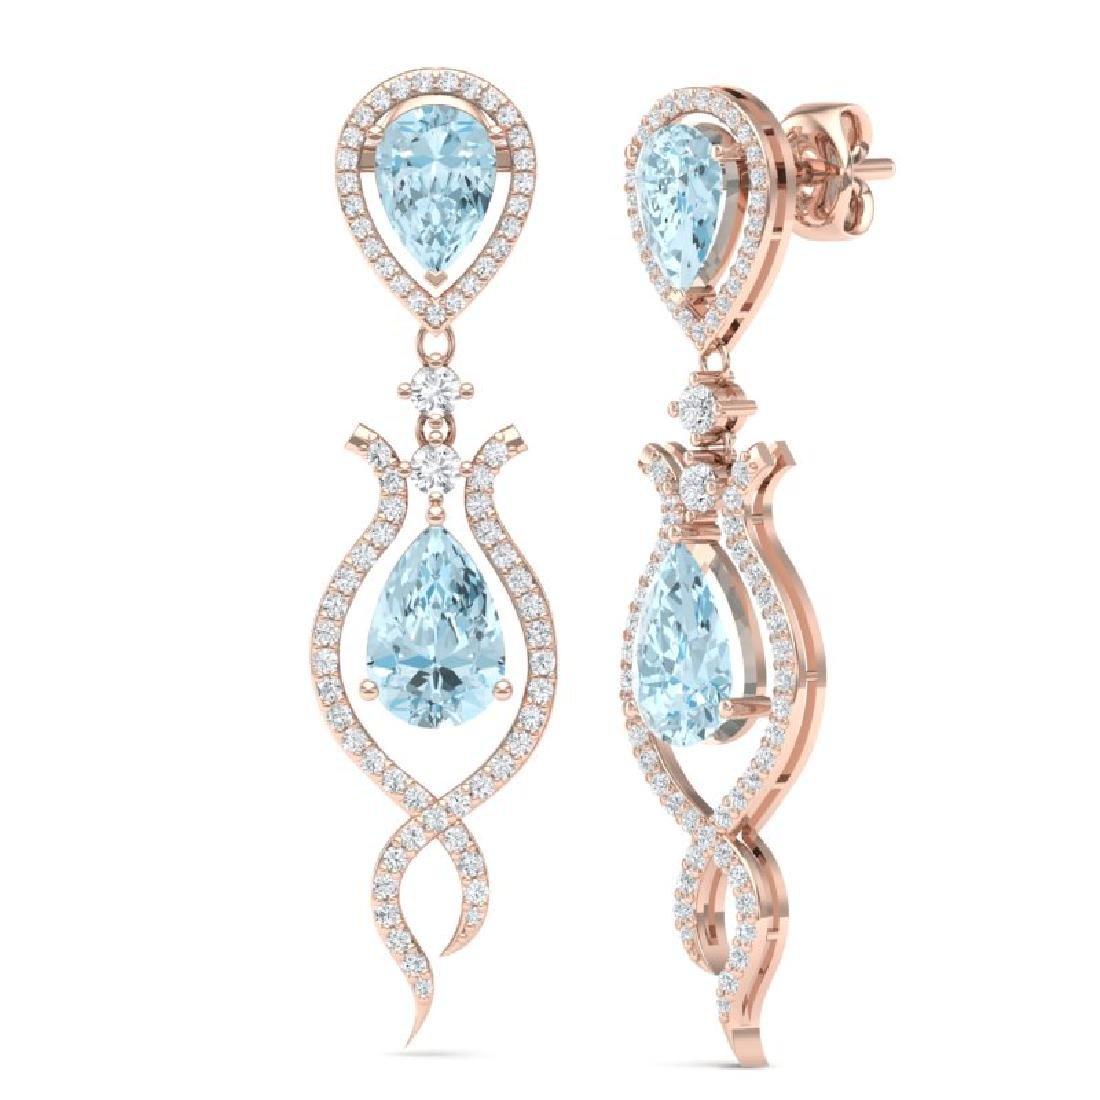 16.57 CTW Royalty Sky Topaz & VS Diamond Earrings 18K - 3